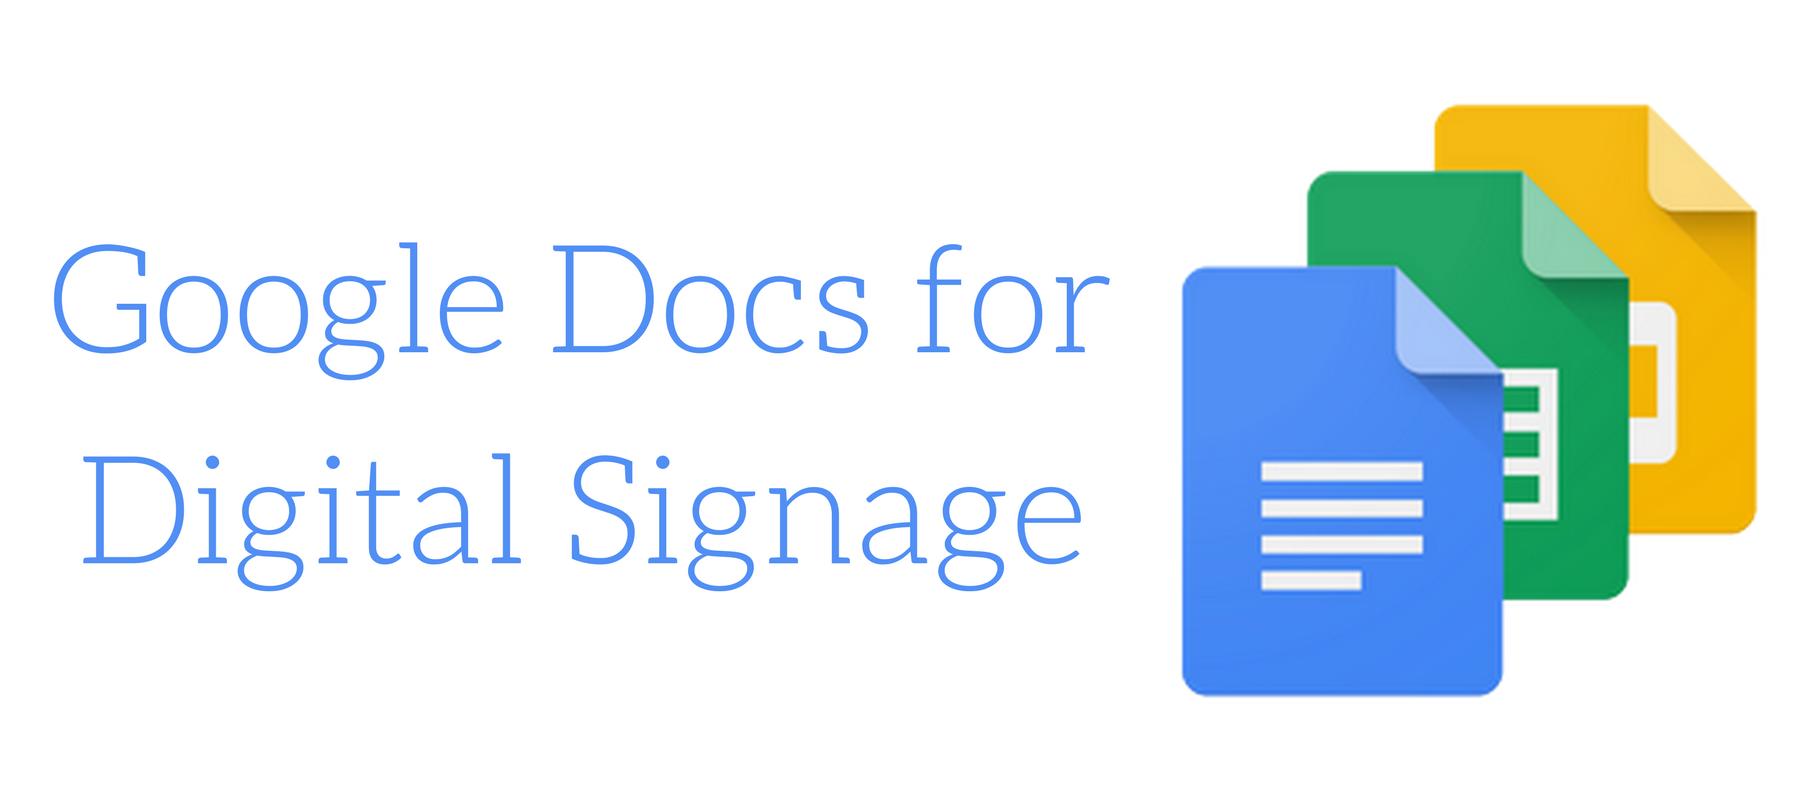 Google Docs for Digital Signage